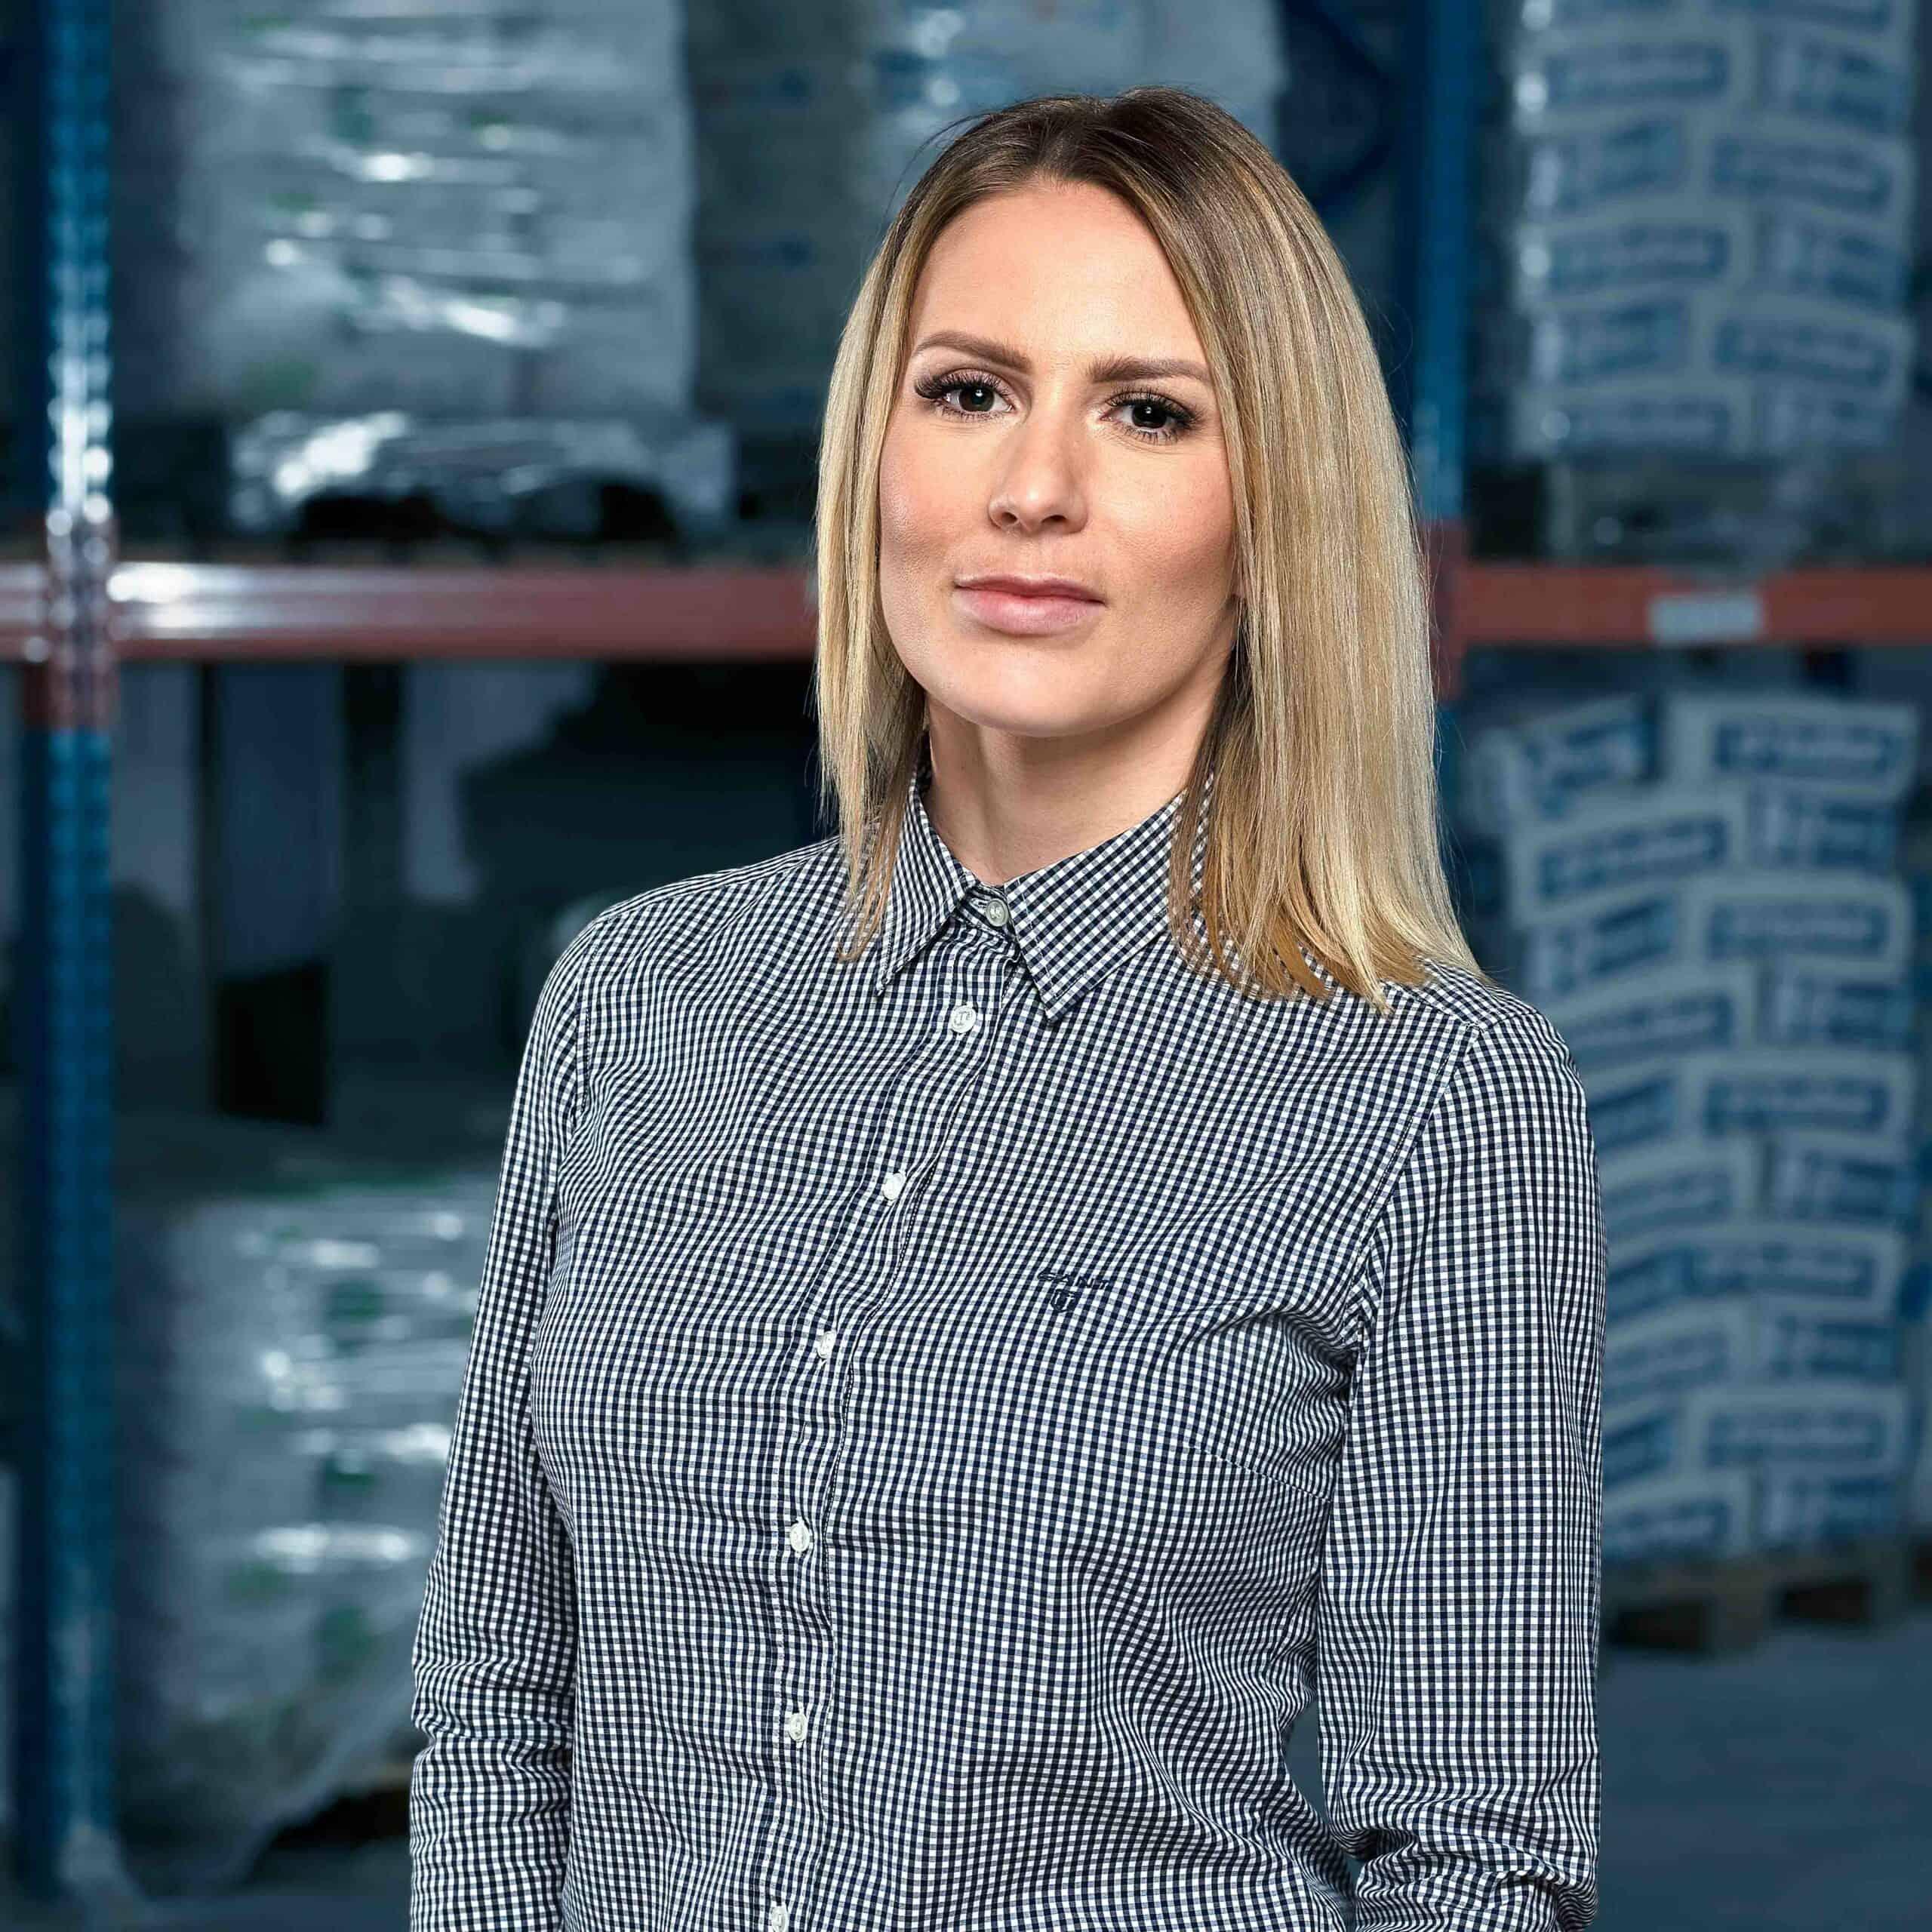 Agnieszka Binka, onze nieuwste medewerkster!